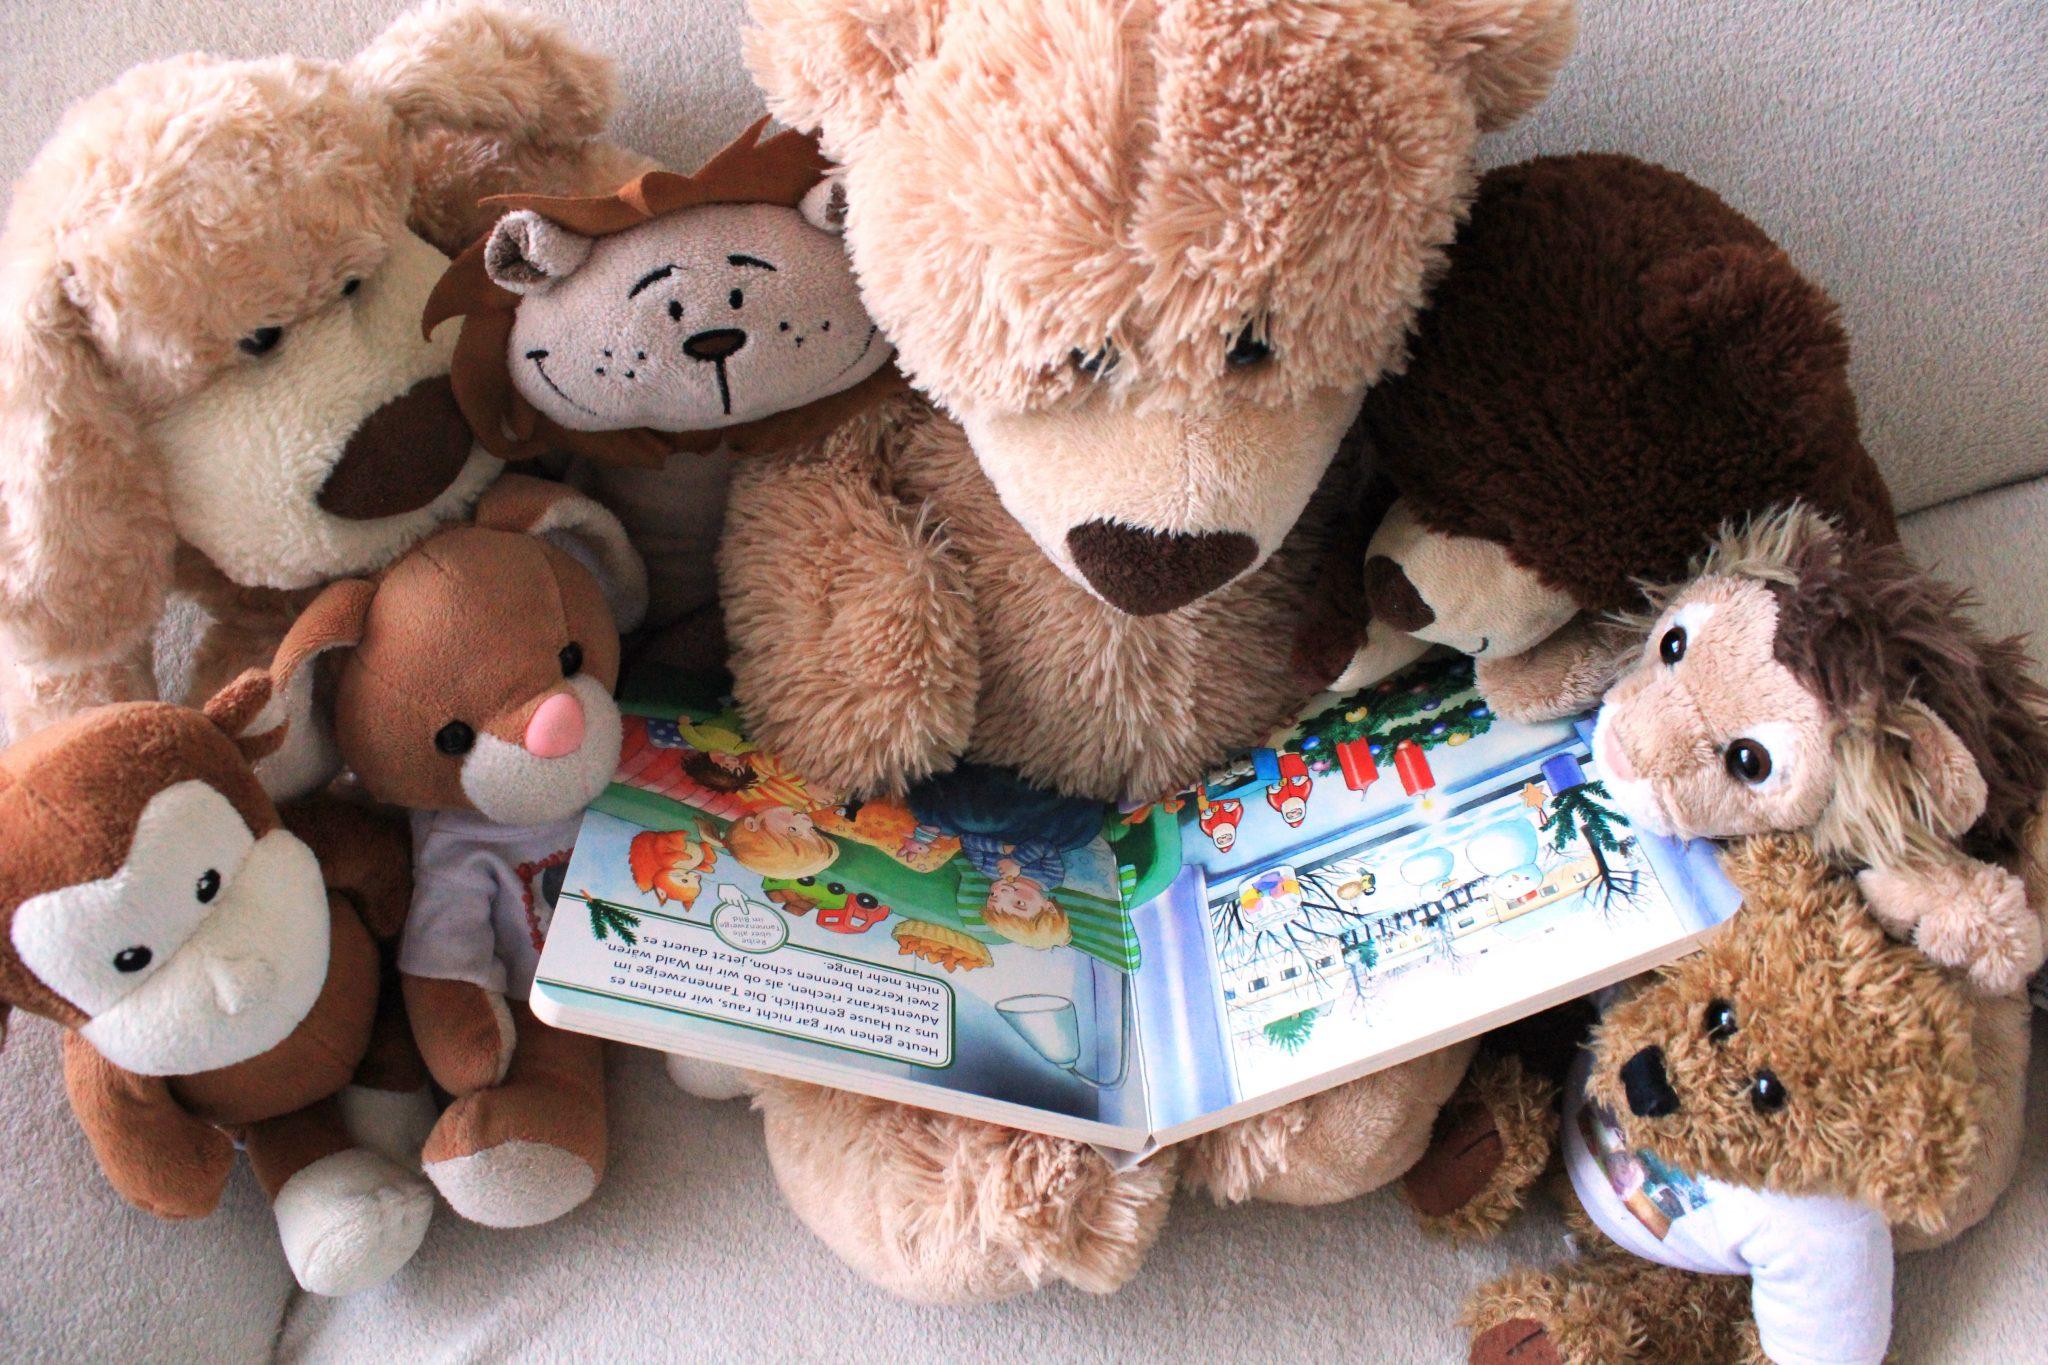 Buch, Bücher, Bücher für Kinder, Kinderbücher, Buchtipps, Buchempfehlungen und Spieletipps, Spiele für Kinder, Kinderspiele, Spiele für Kleinkinder, Spiele für Kinder ab 2 Jahren